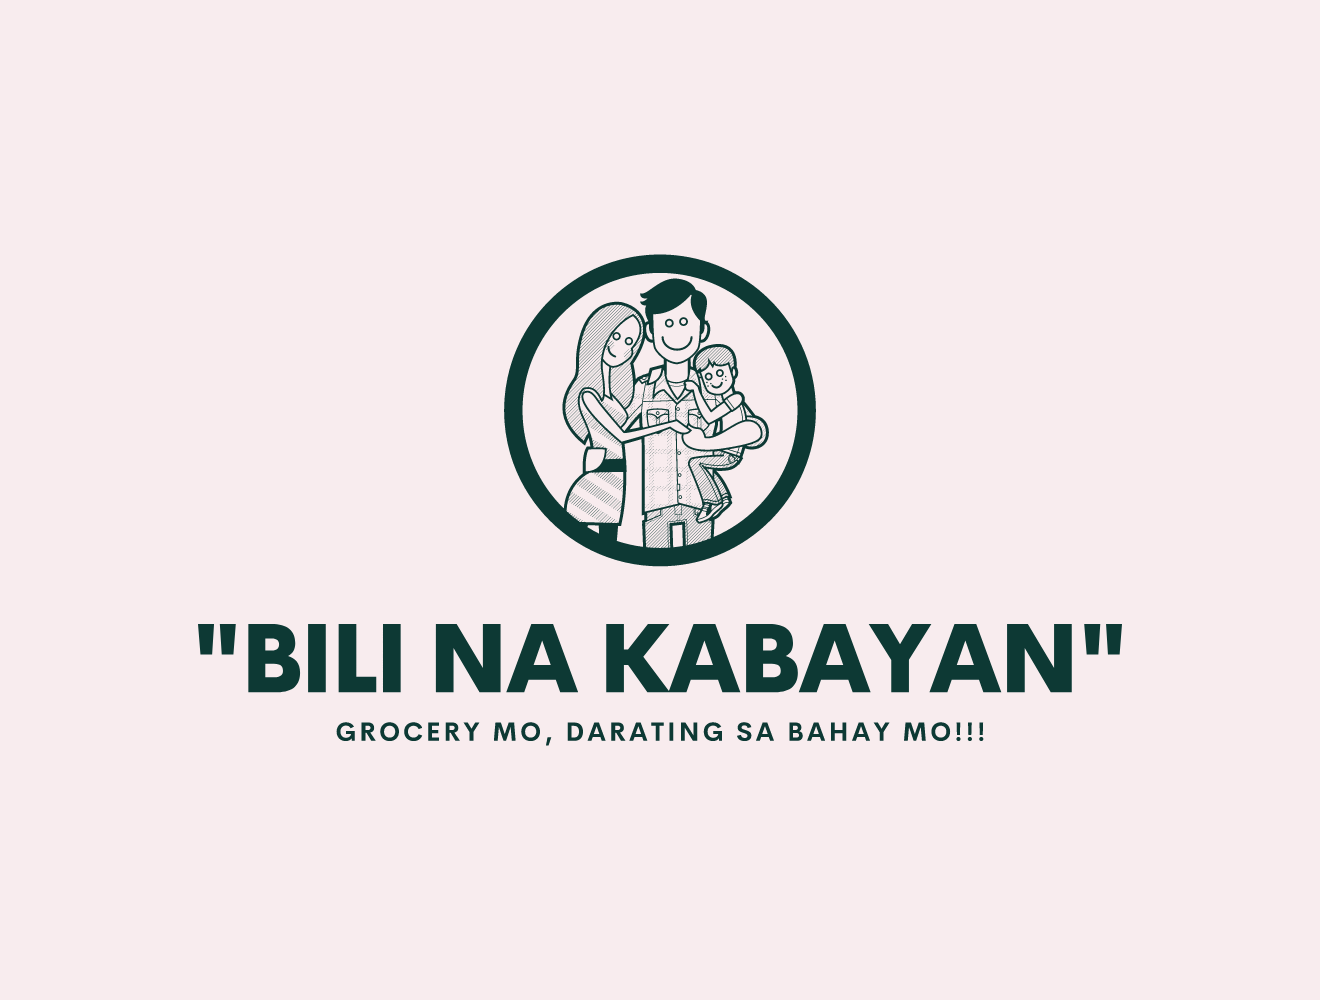 Bili Na Kabayan